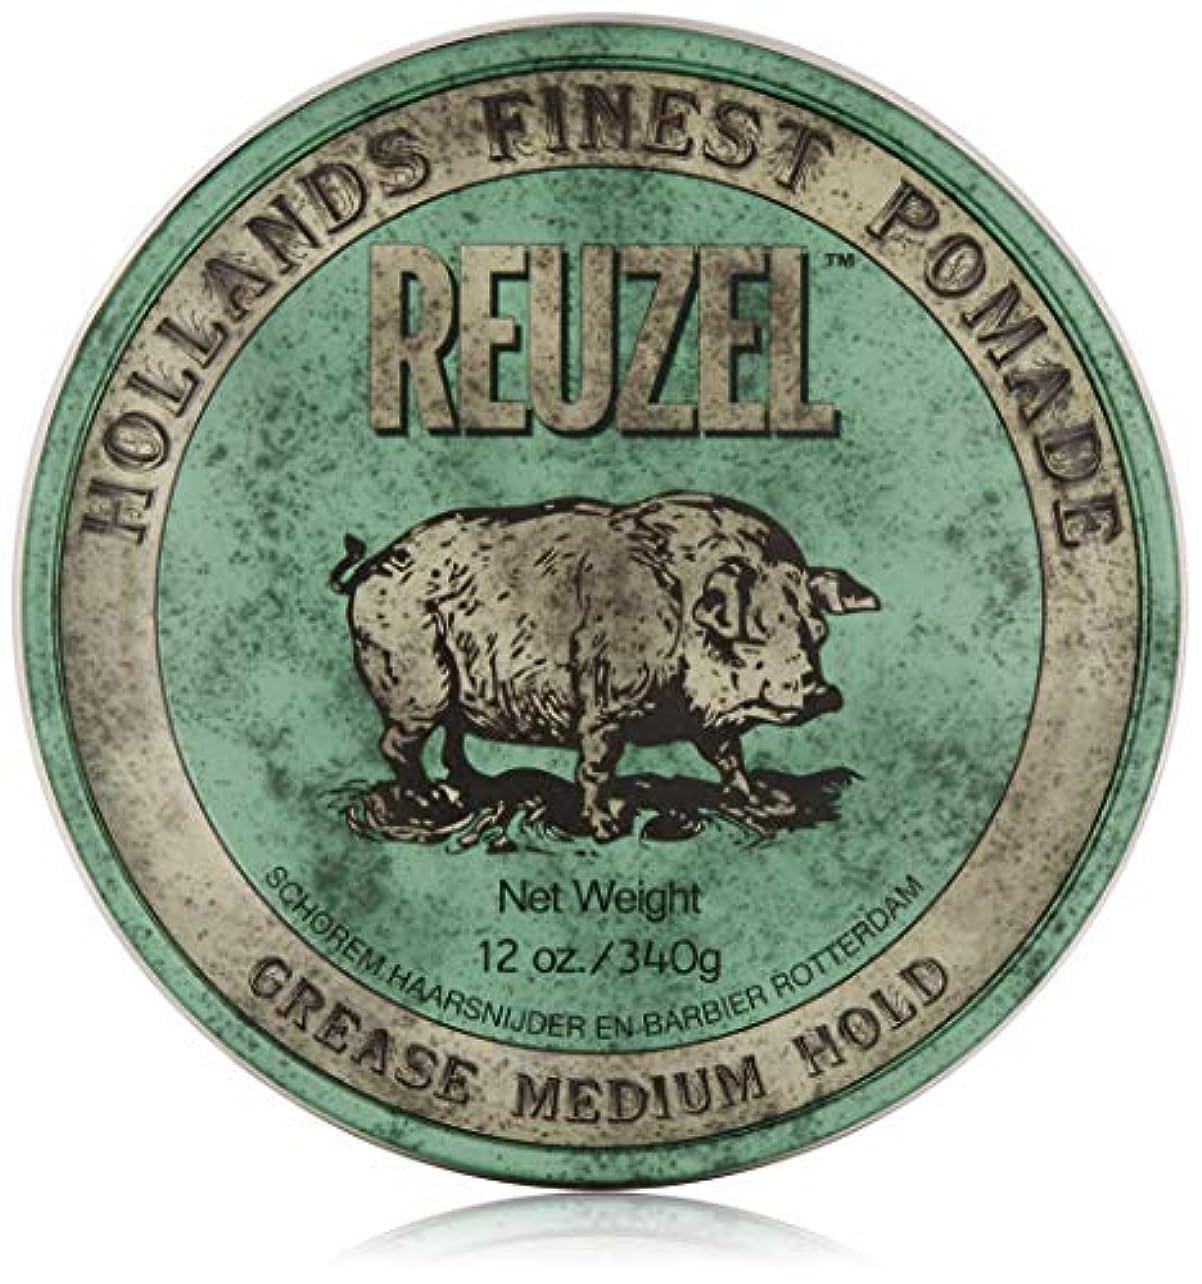 スケッチ牛肉ユーモラスREUZEL Grease Medium Hold Pomade Hog, Green, 12 oz. by REUZEL